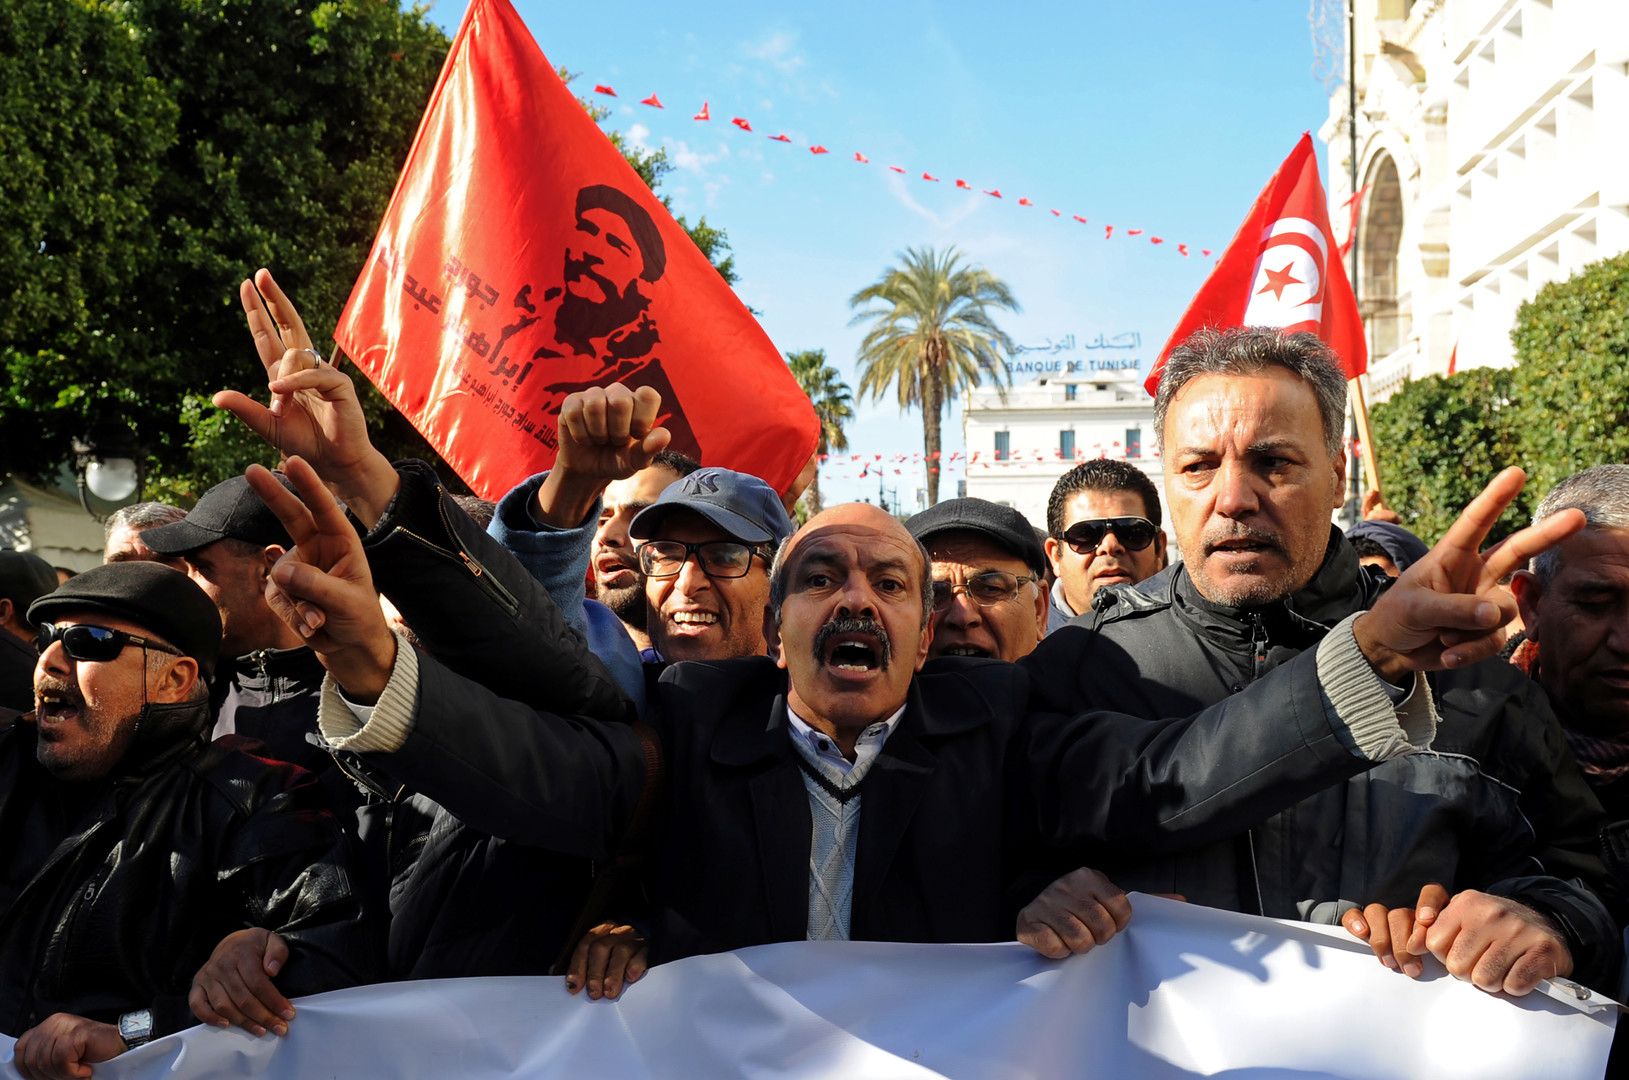 Le septième anniversaire de la révolution tunisienne marqué par des heurts (VIDEO, PHOTOS)